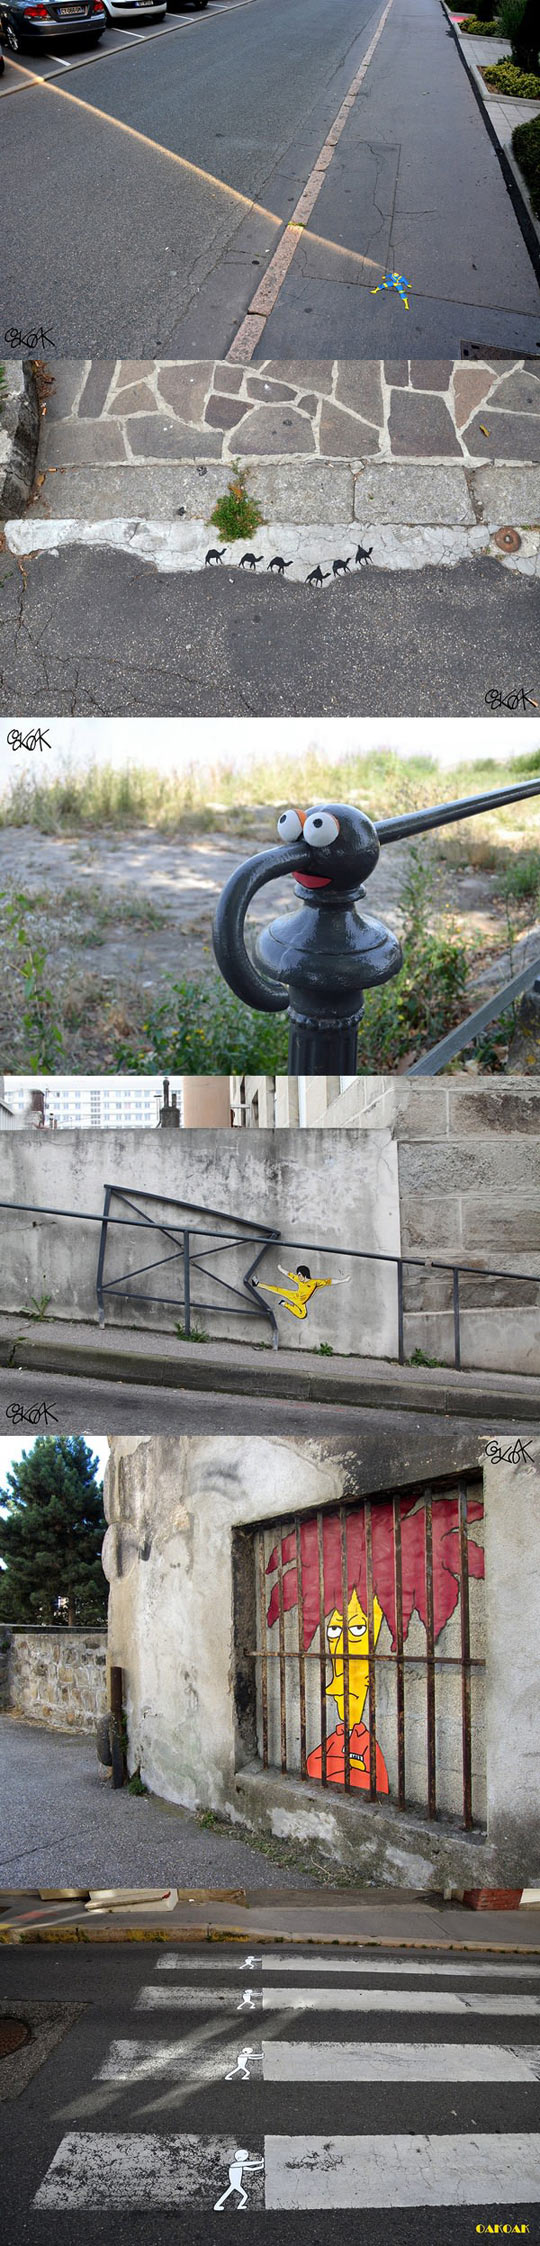 Clever Street Art